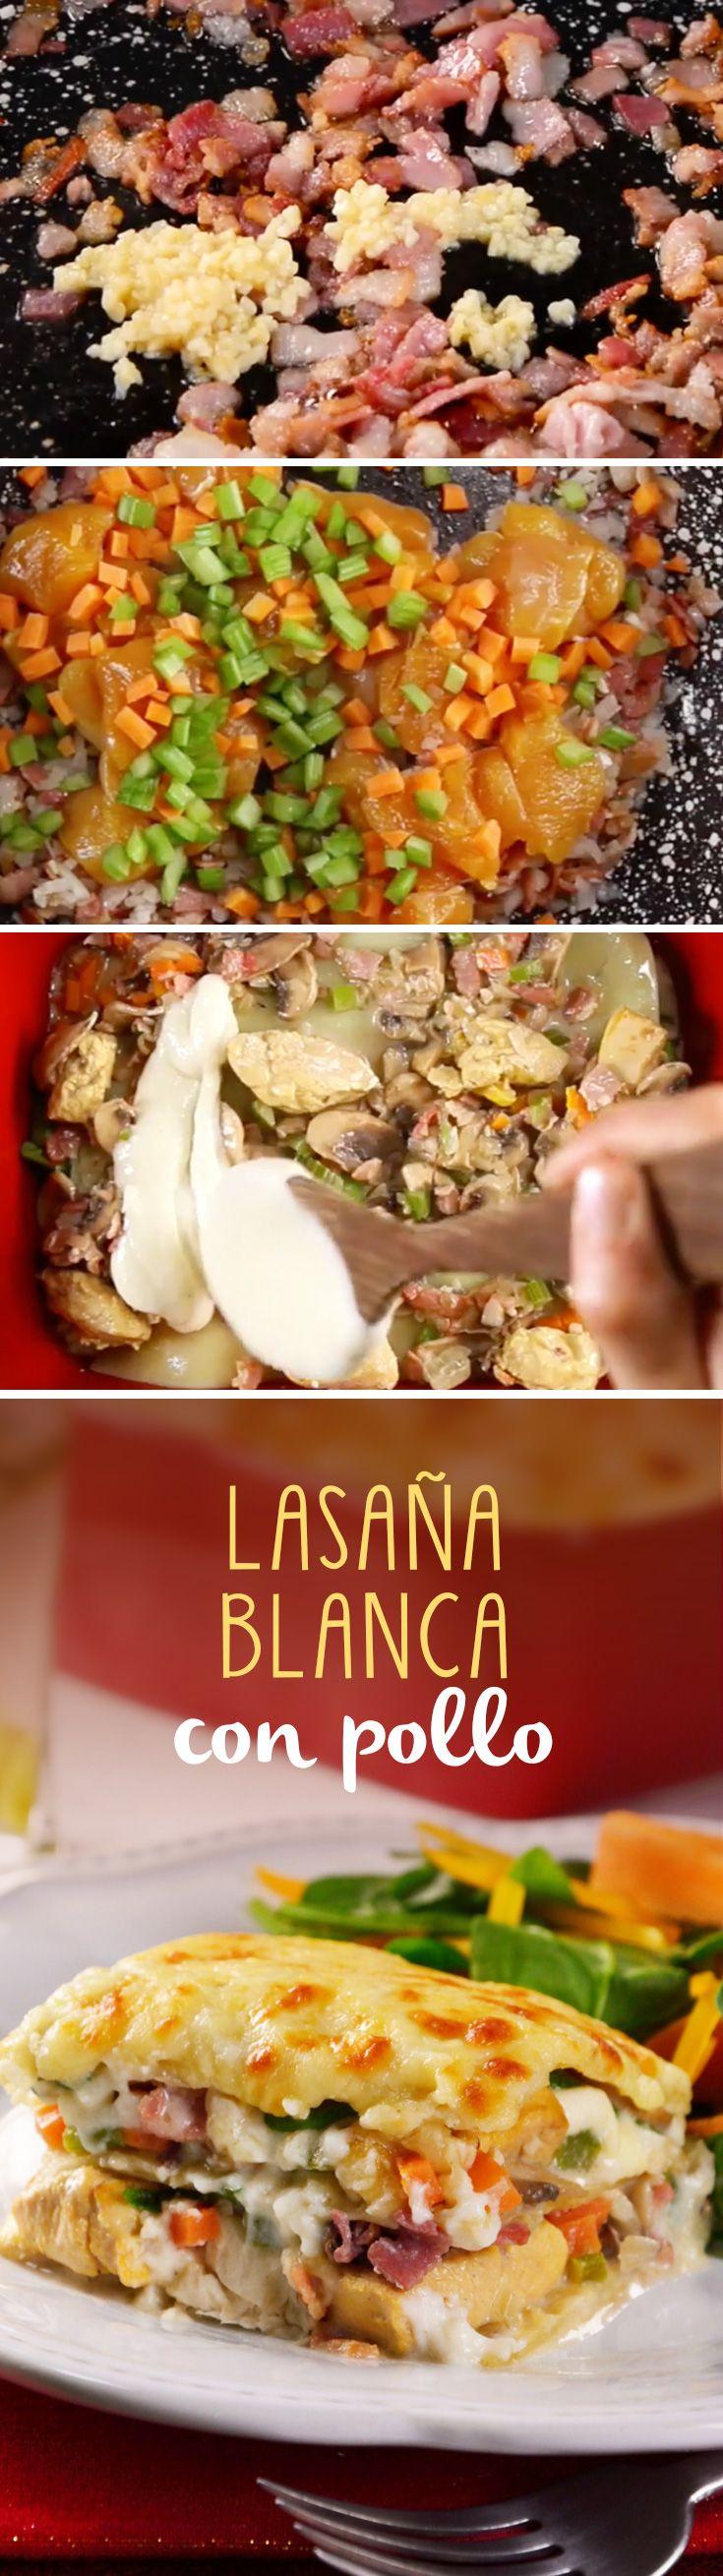 Lasaña fácil de pollo con salsa bechamel o salsa blanca. Es una receta casera económica muy fácil para cenas formales.